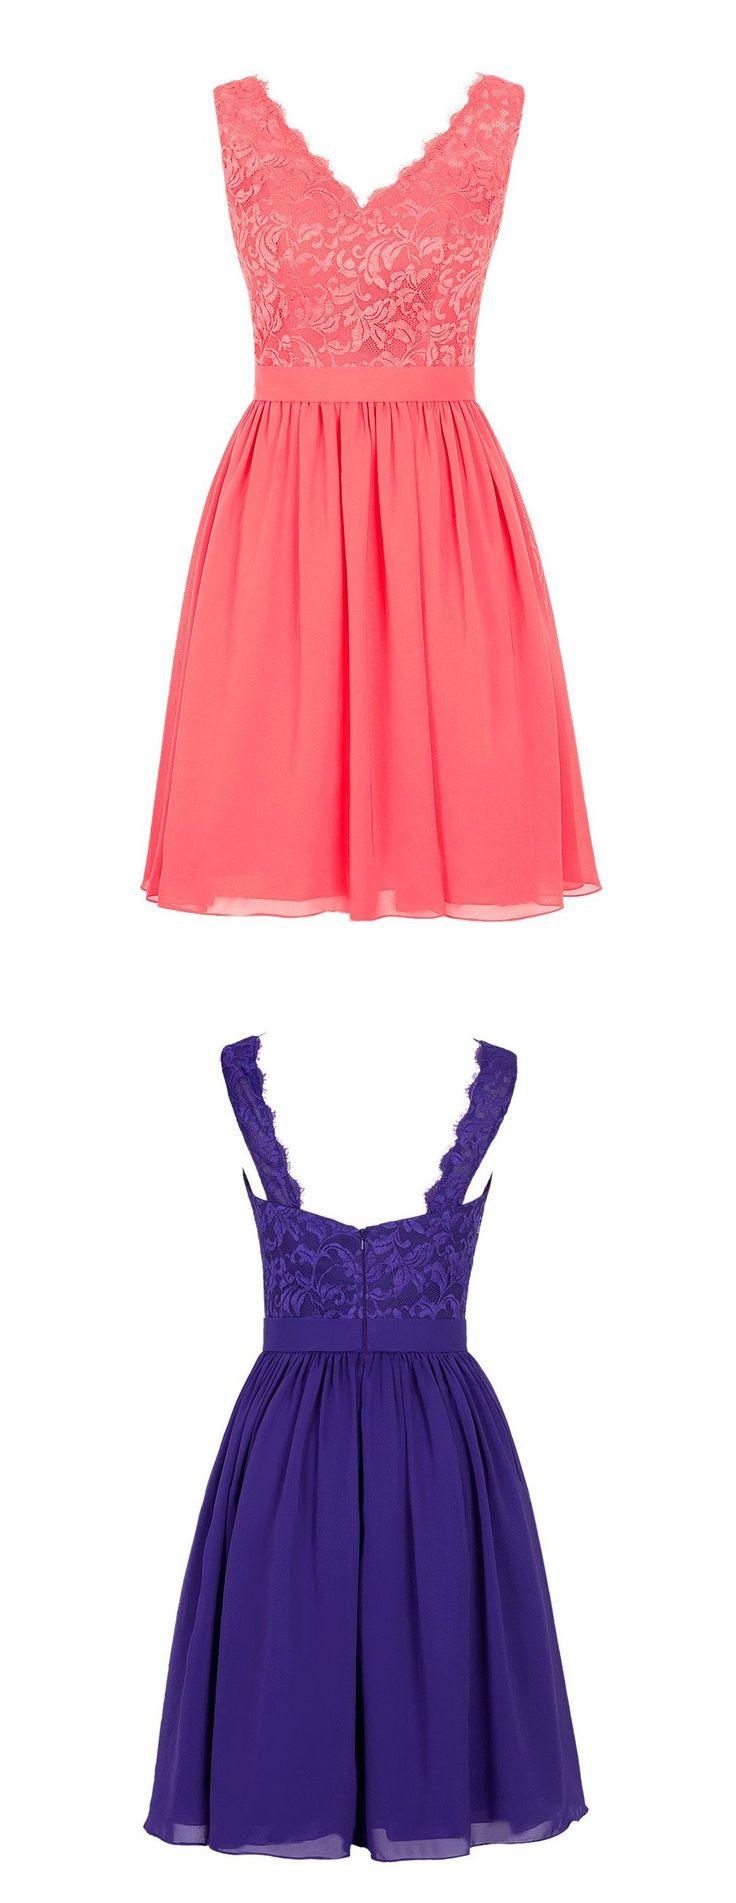 2016 v-neck short chiffon coral bridesmaid dress purple bridesmaid dress, wedding party dress